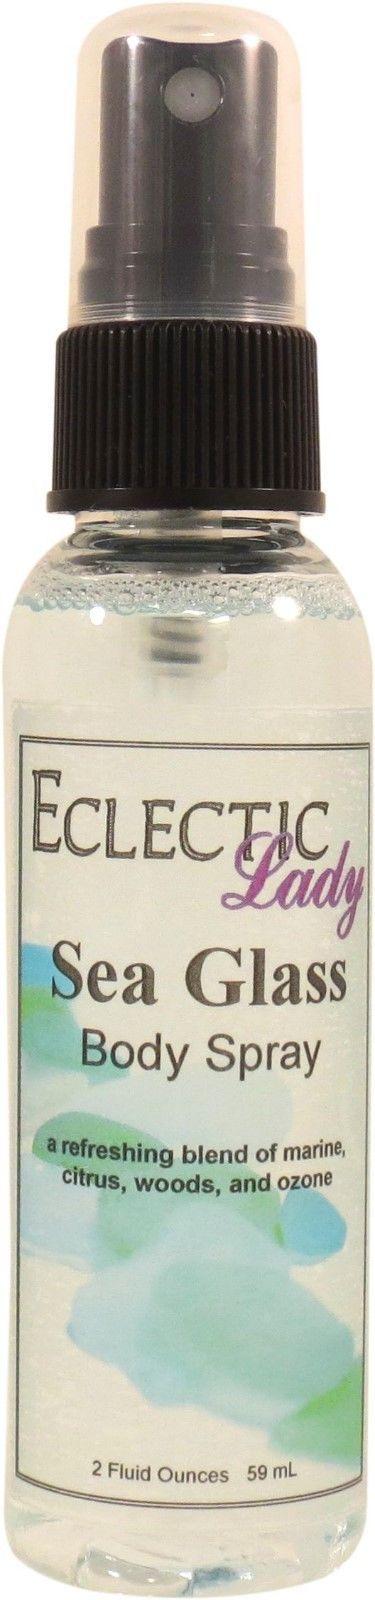 Sea Glass Body Spray